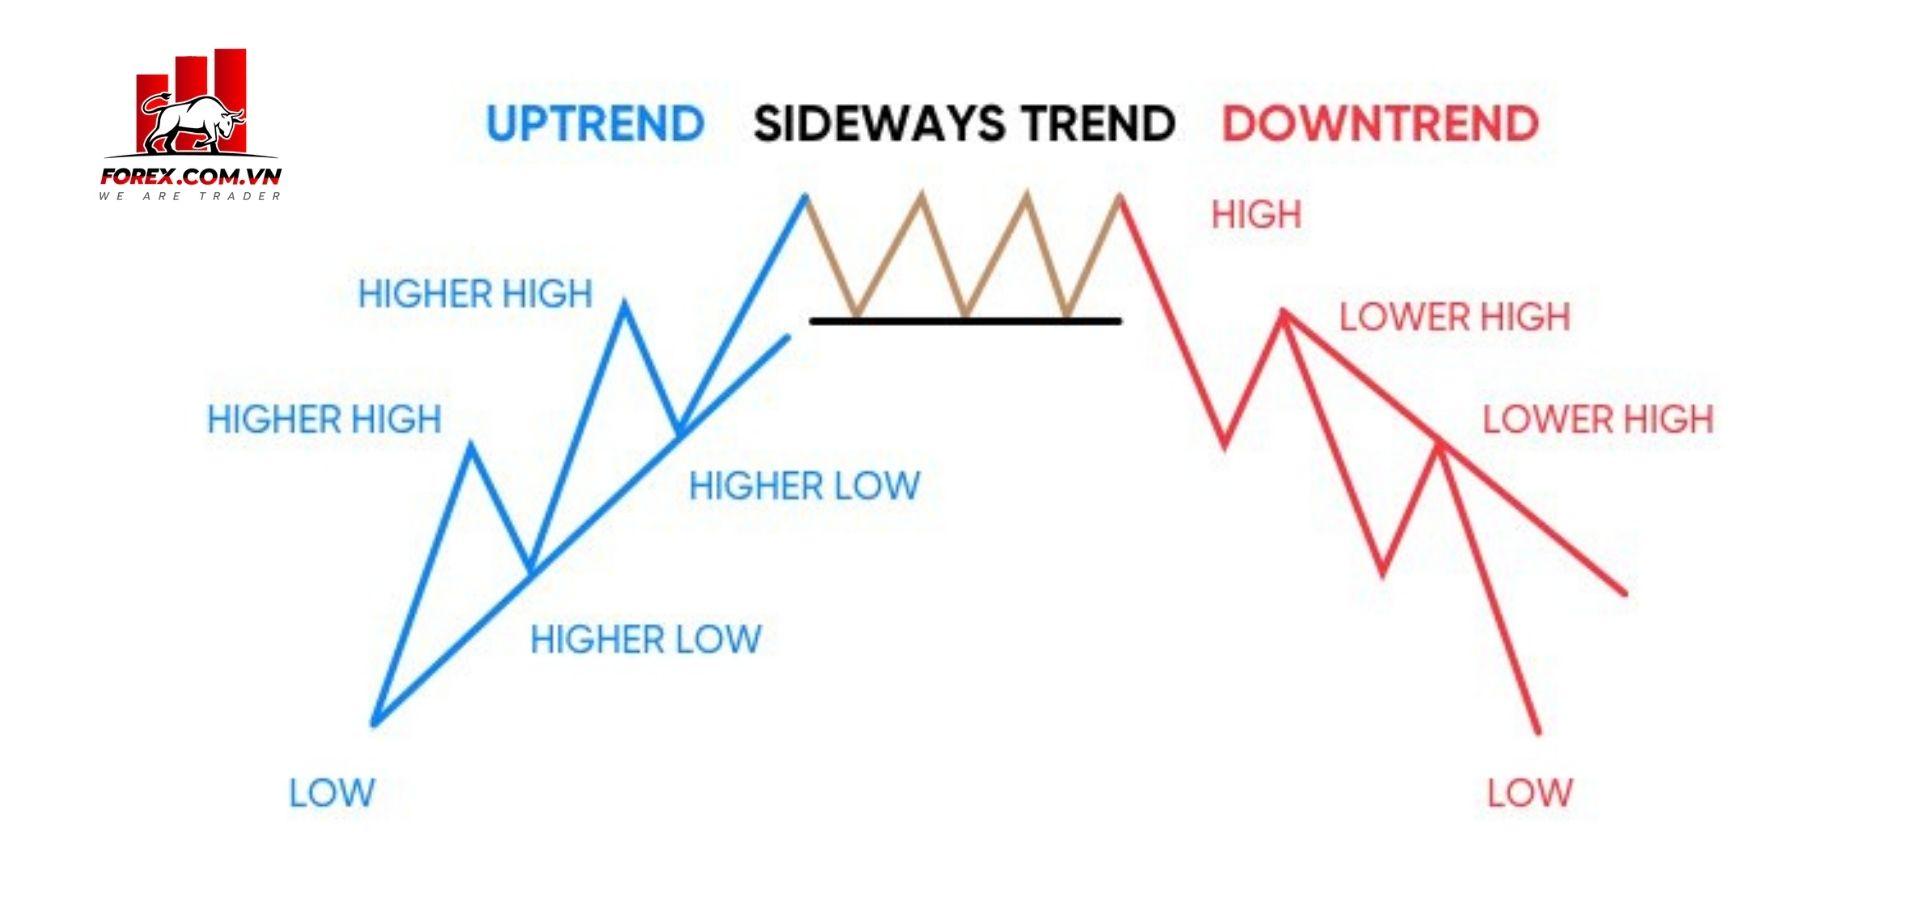 Thị trường sideway là gì